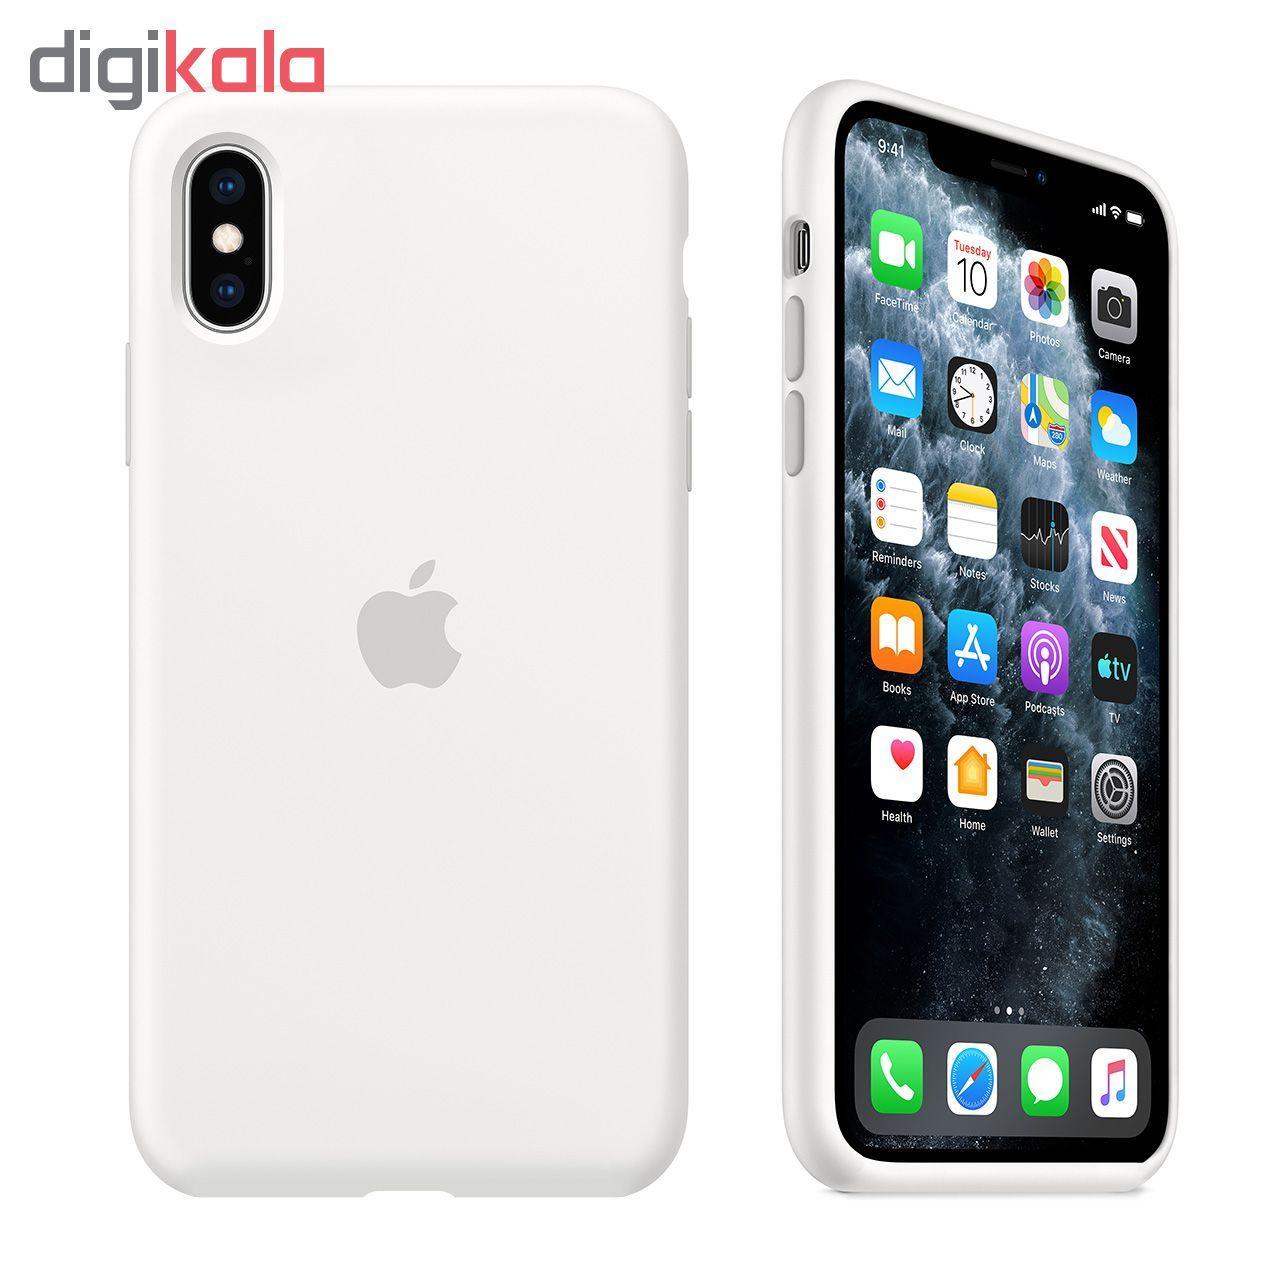 کاور وی کیس مدل Si01 مناسب برای گوشی موبایل اپل iPhone XS Max main 1 1